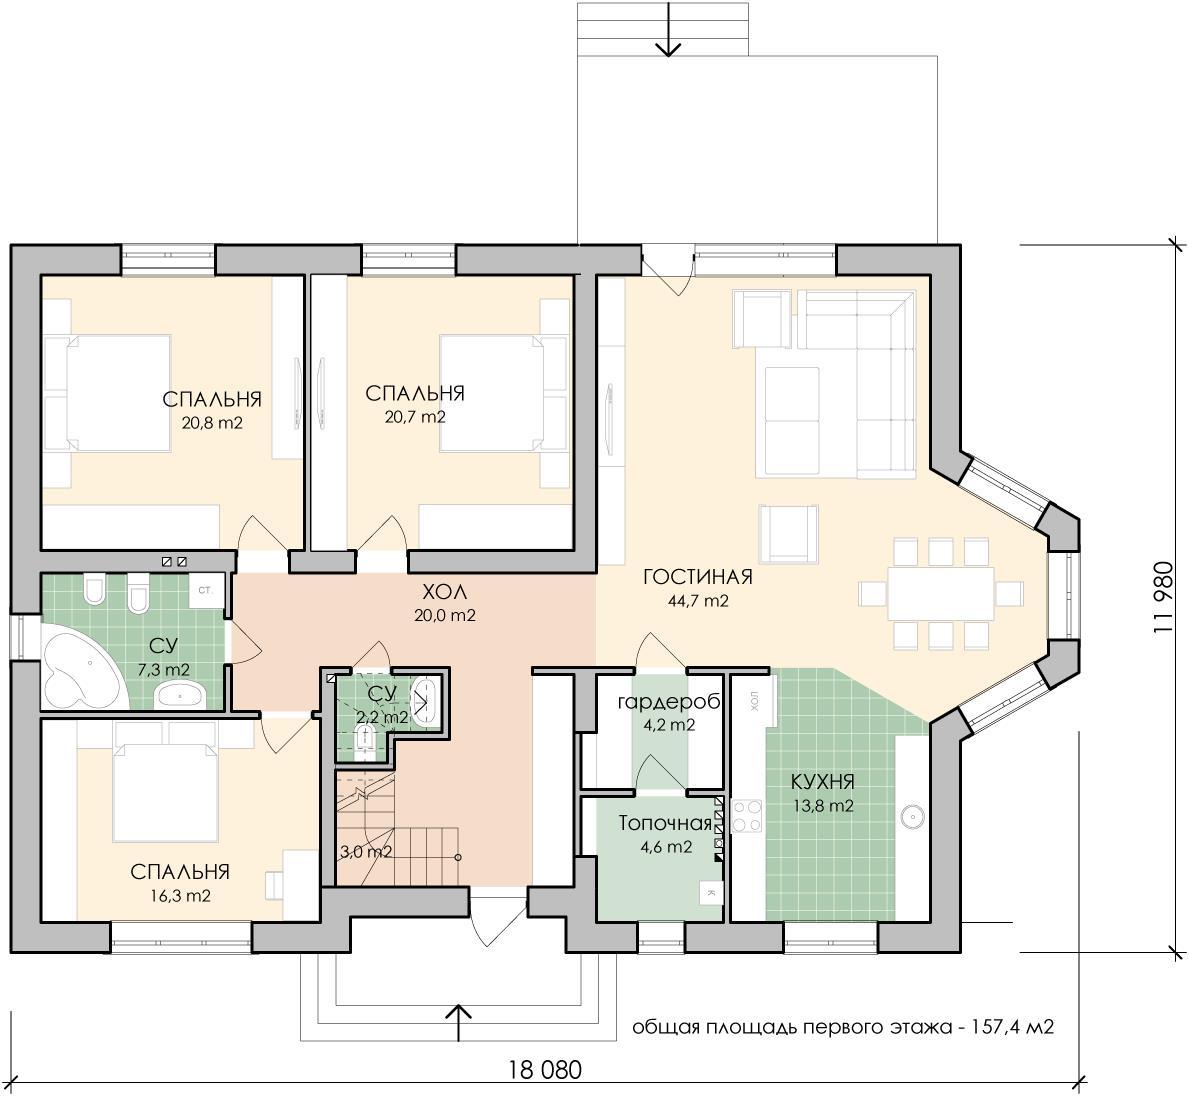 Примерная планировка дома площадью 150 кв.м.